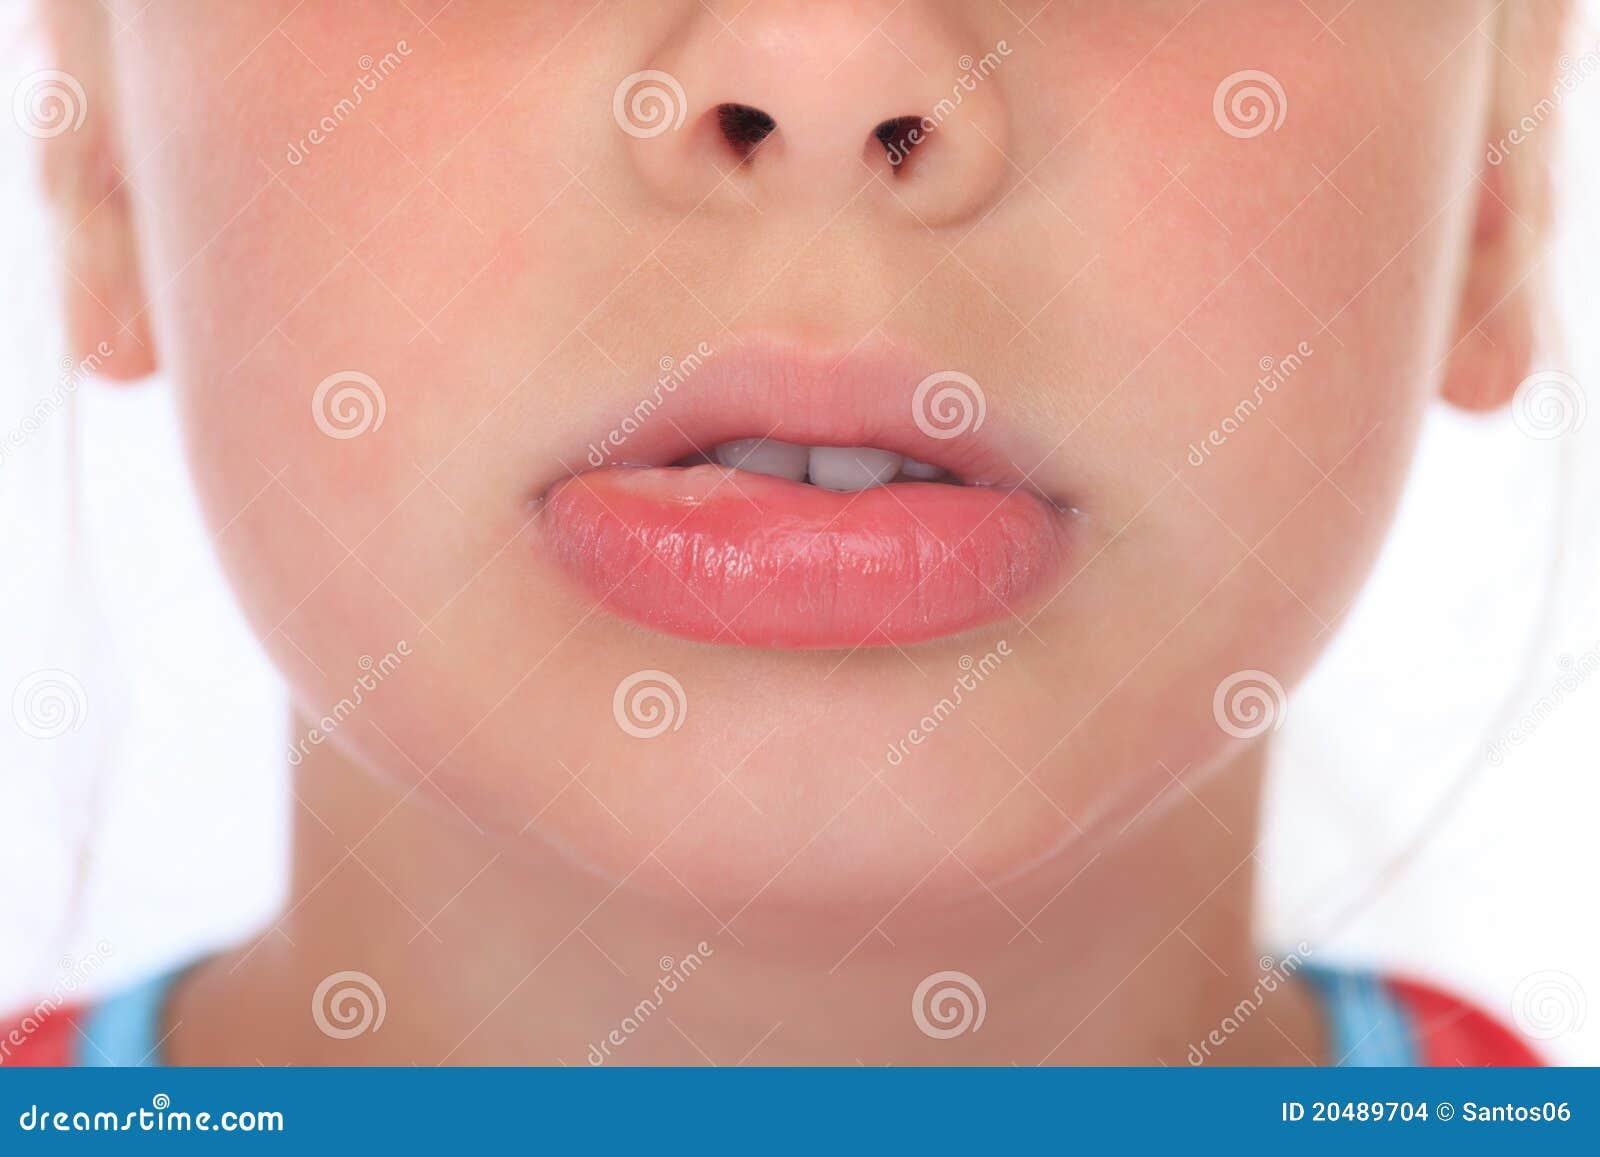 Geschwollene Lippe Nach Wespestich Stockfoto - Bild von